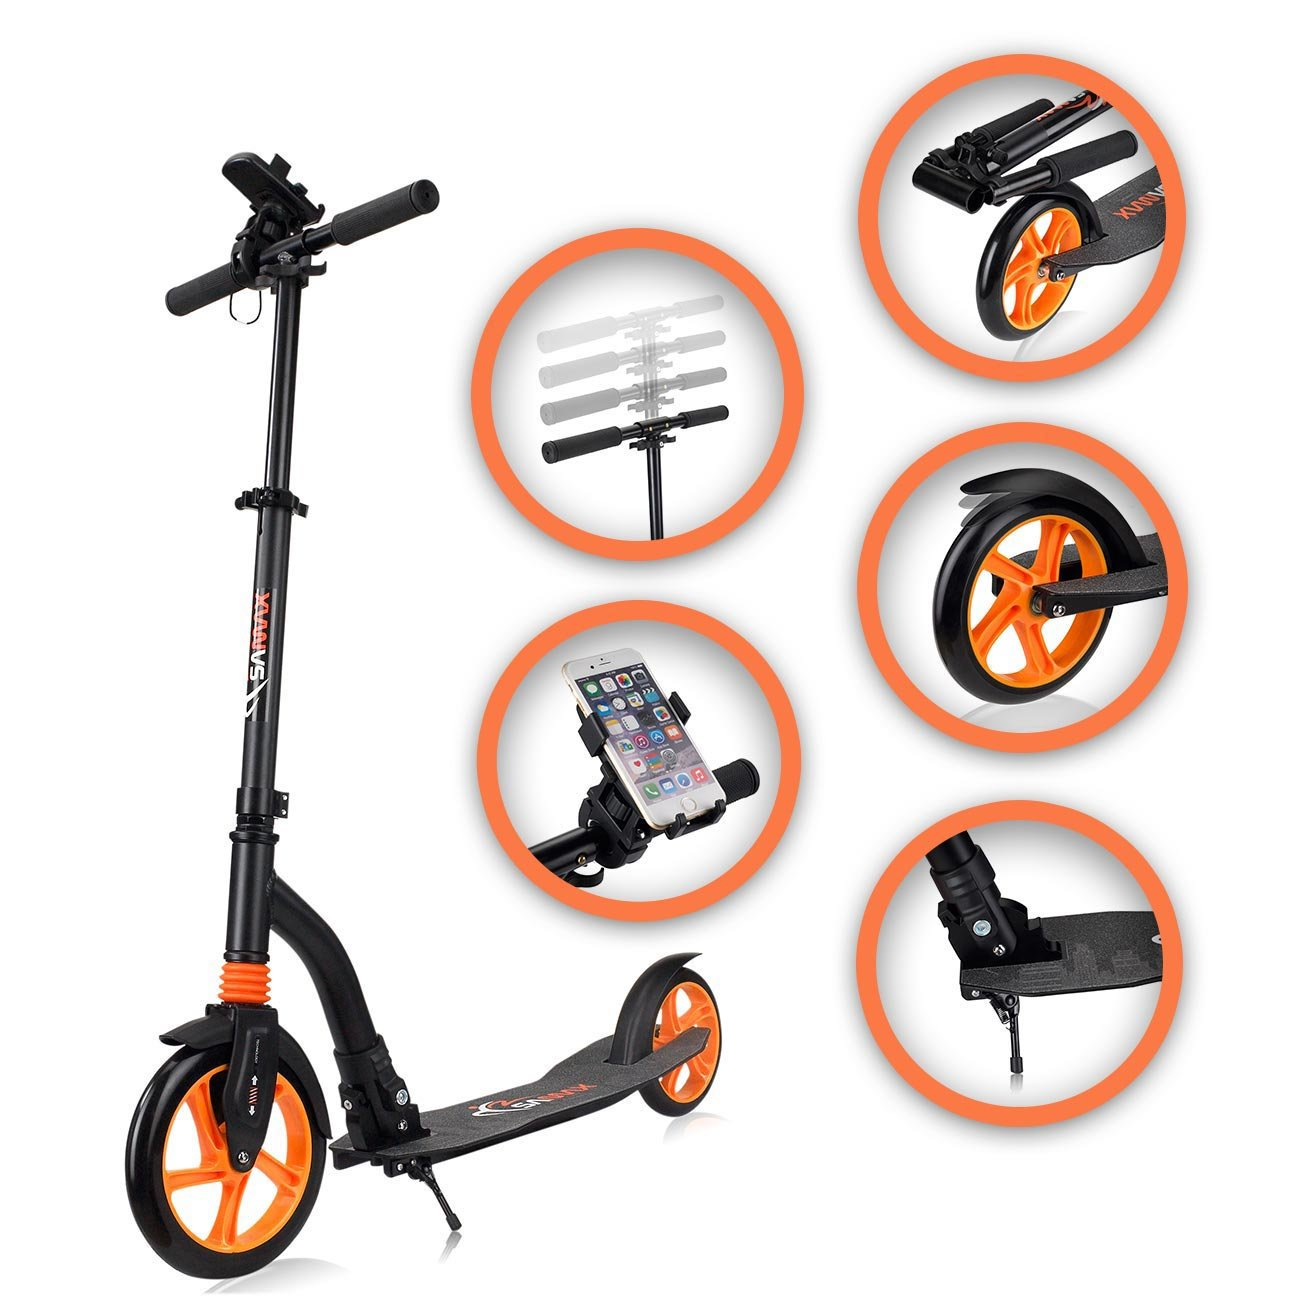 SAMAX Patinete Scooter para Ciudad Deporte Adultos Ajustable Aluminio Plegable Suspensión - GO en Negro